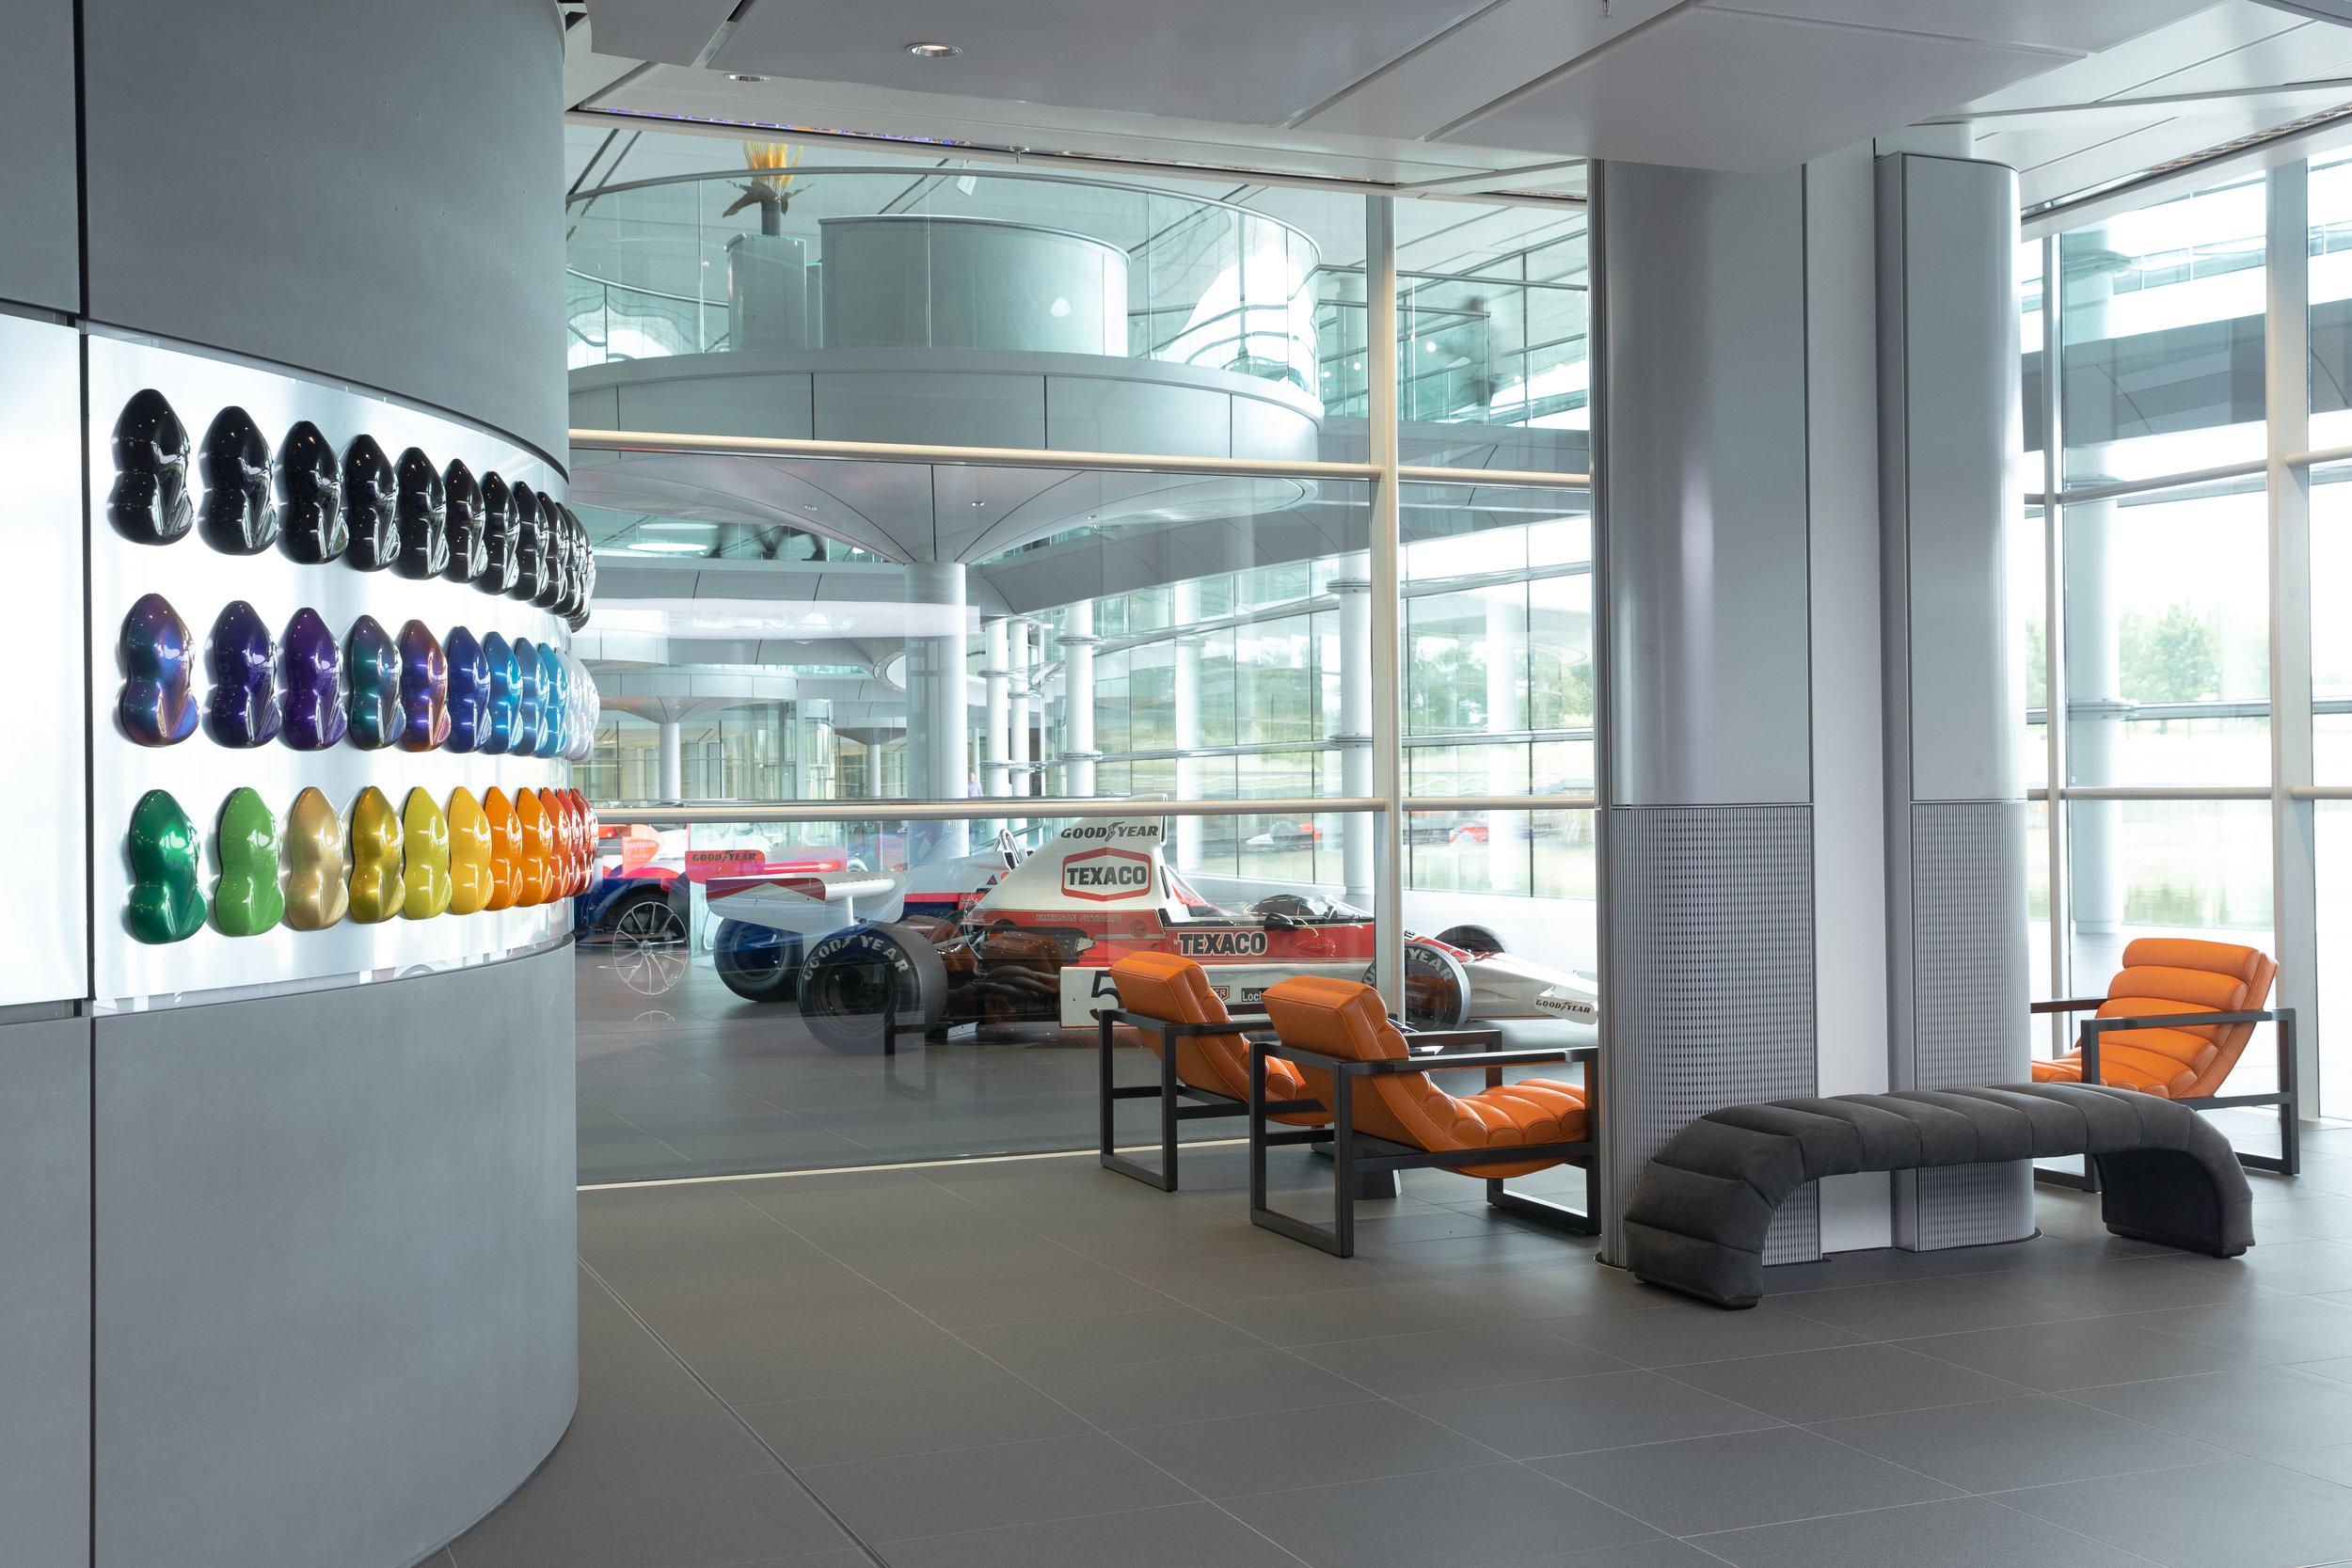 180607-McLaren_SEC-0214.jpg